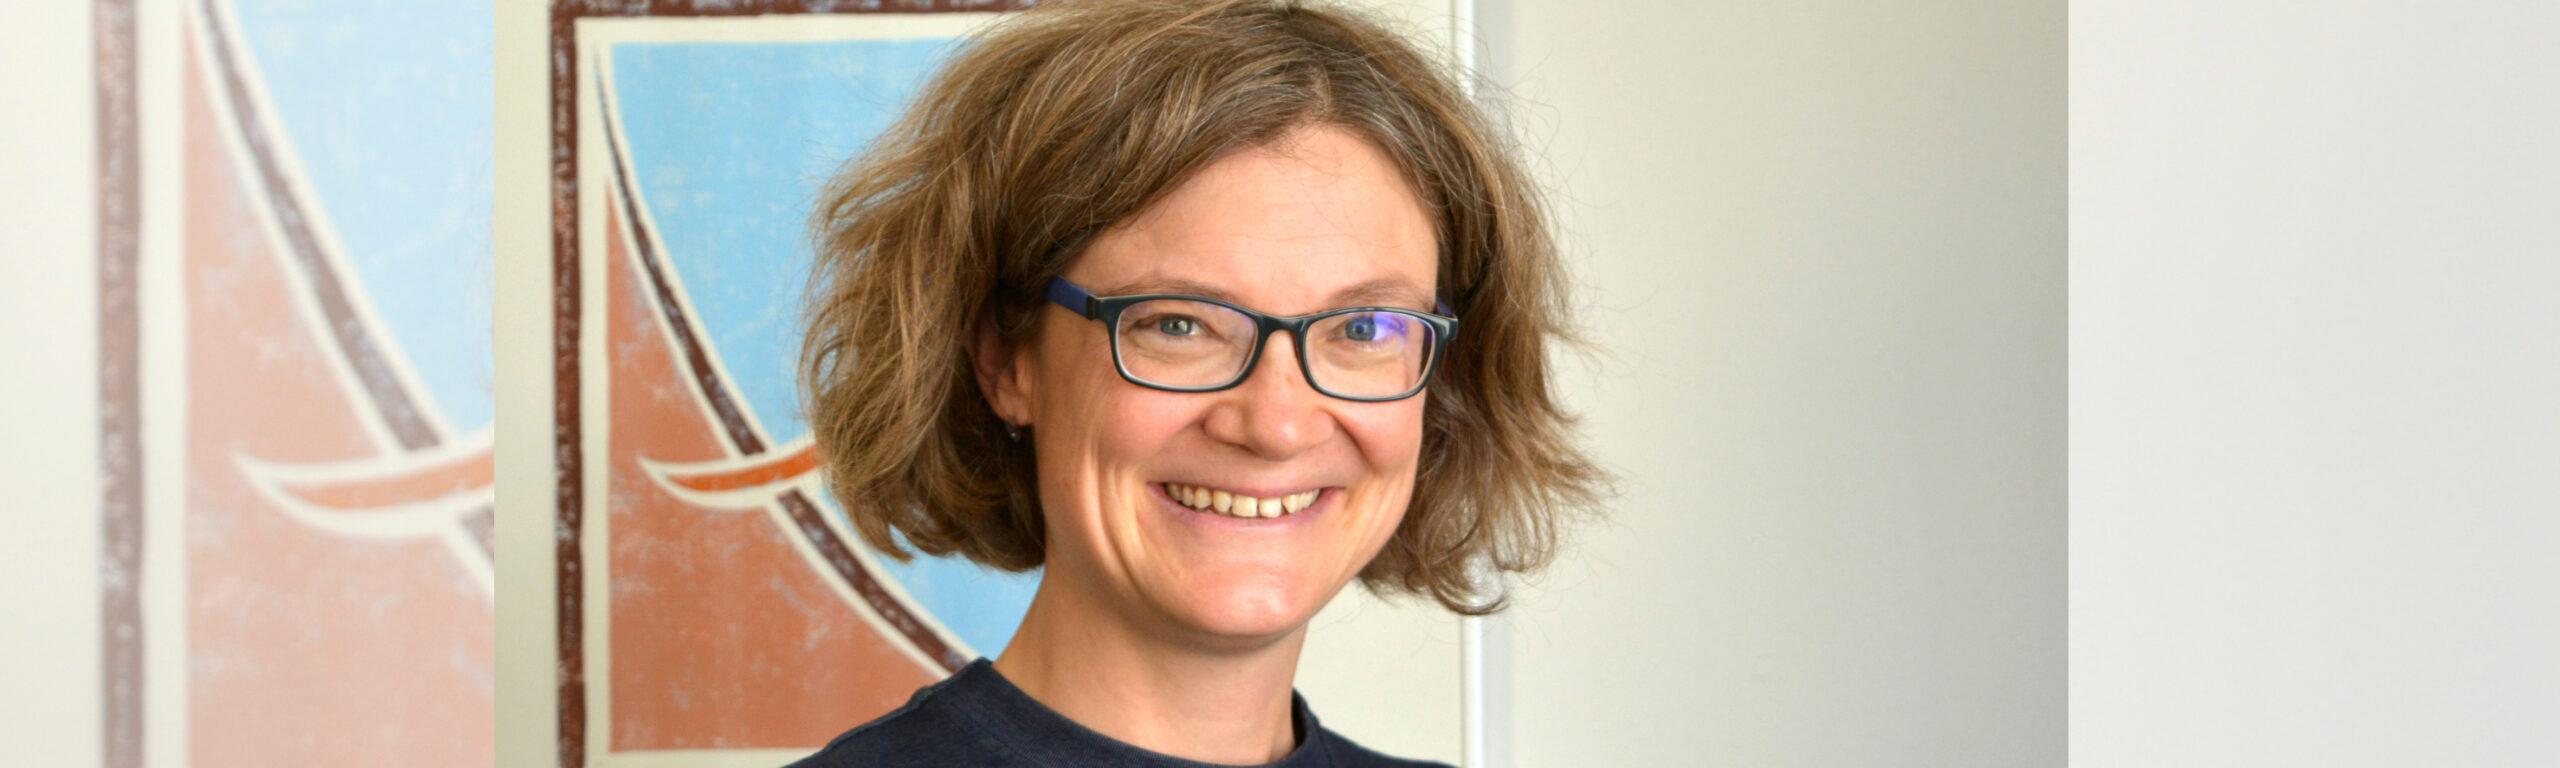 Prof'in Dr. Gabi Schierning, Bild der Person